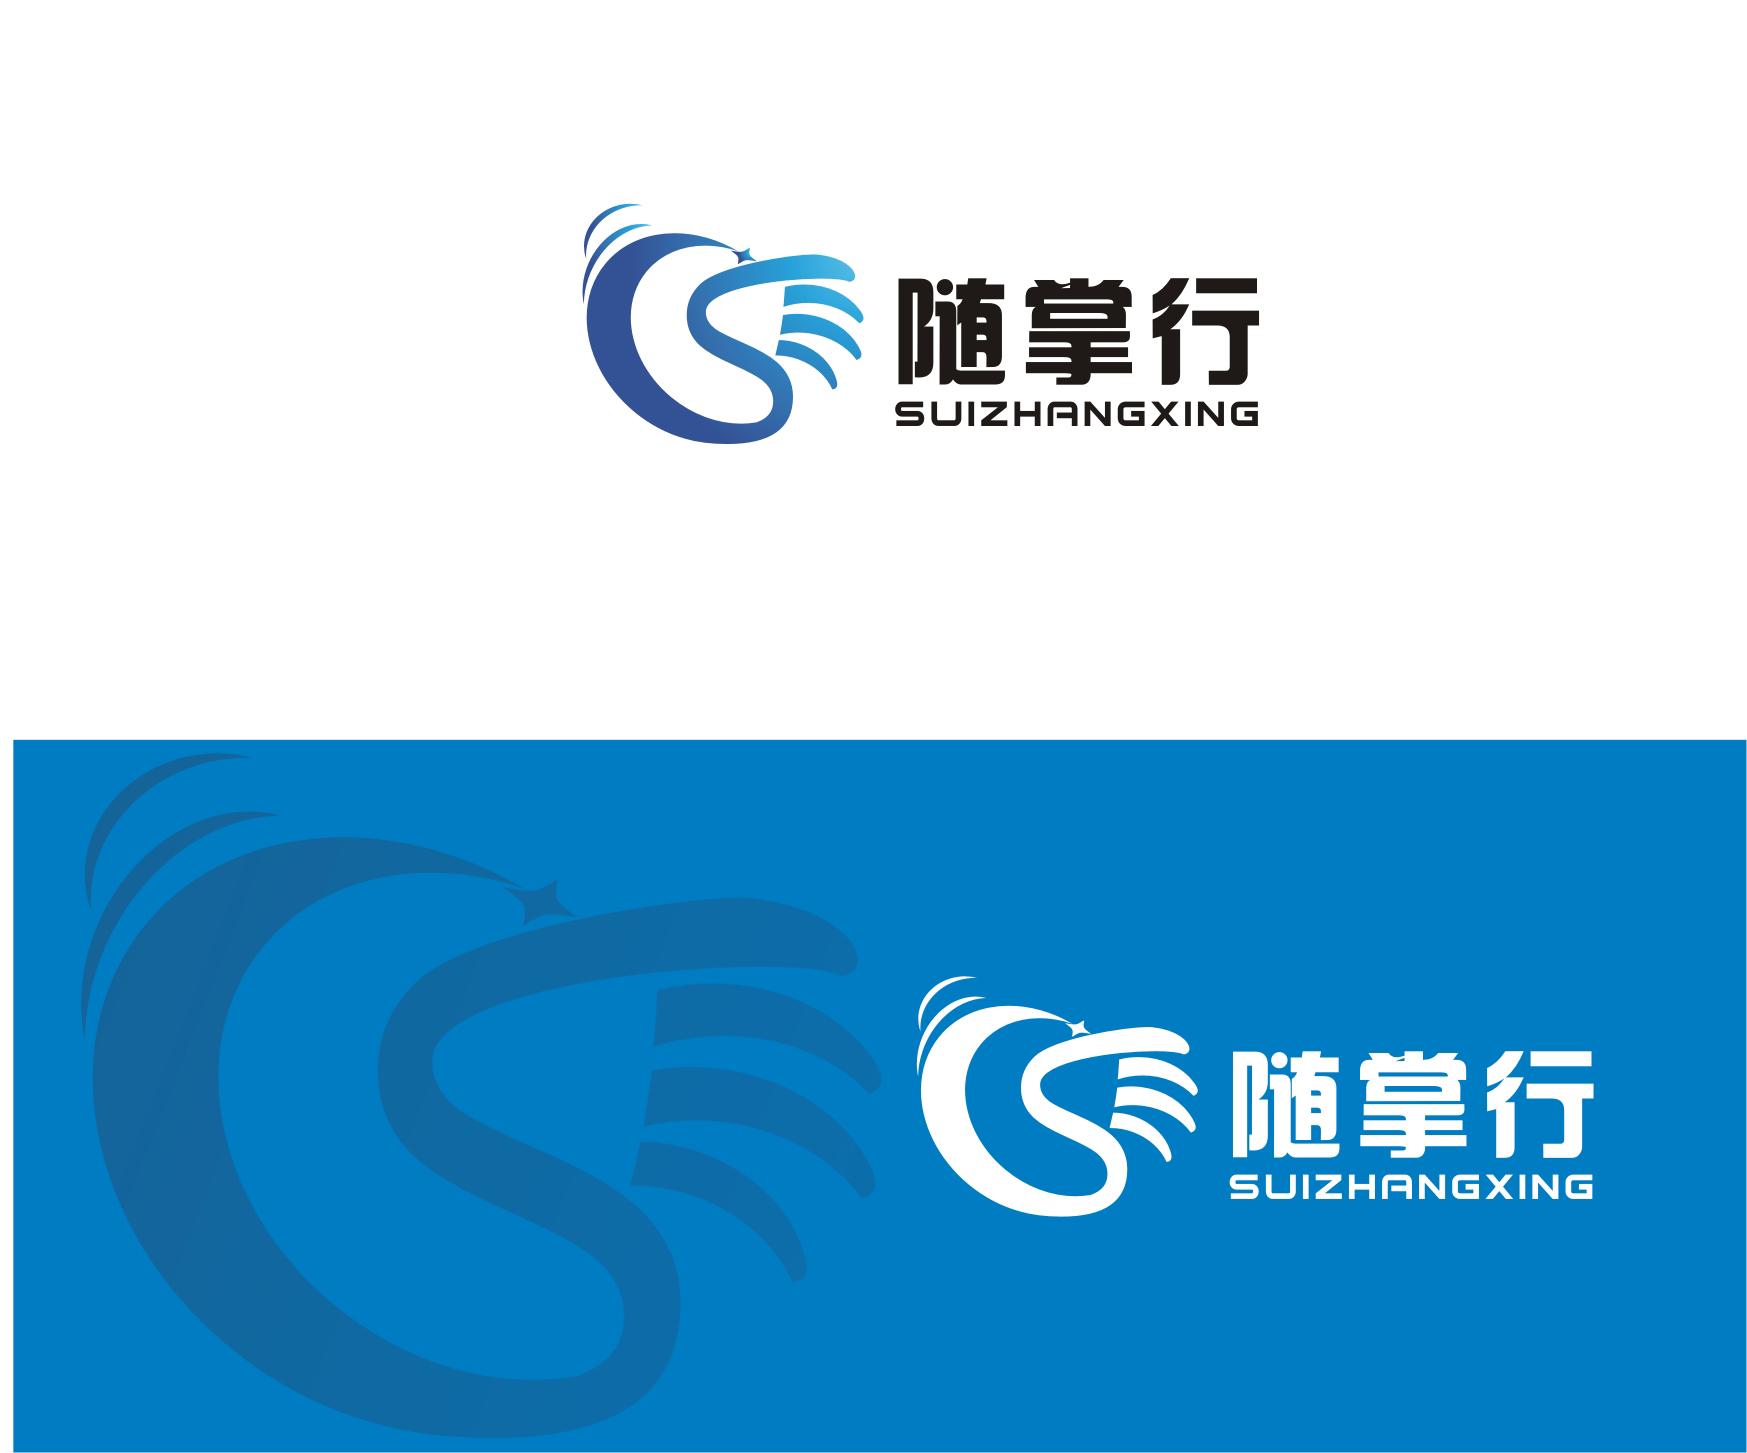 商标logo设计_一品威客网logo设计任务#284956